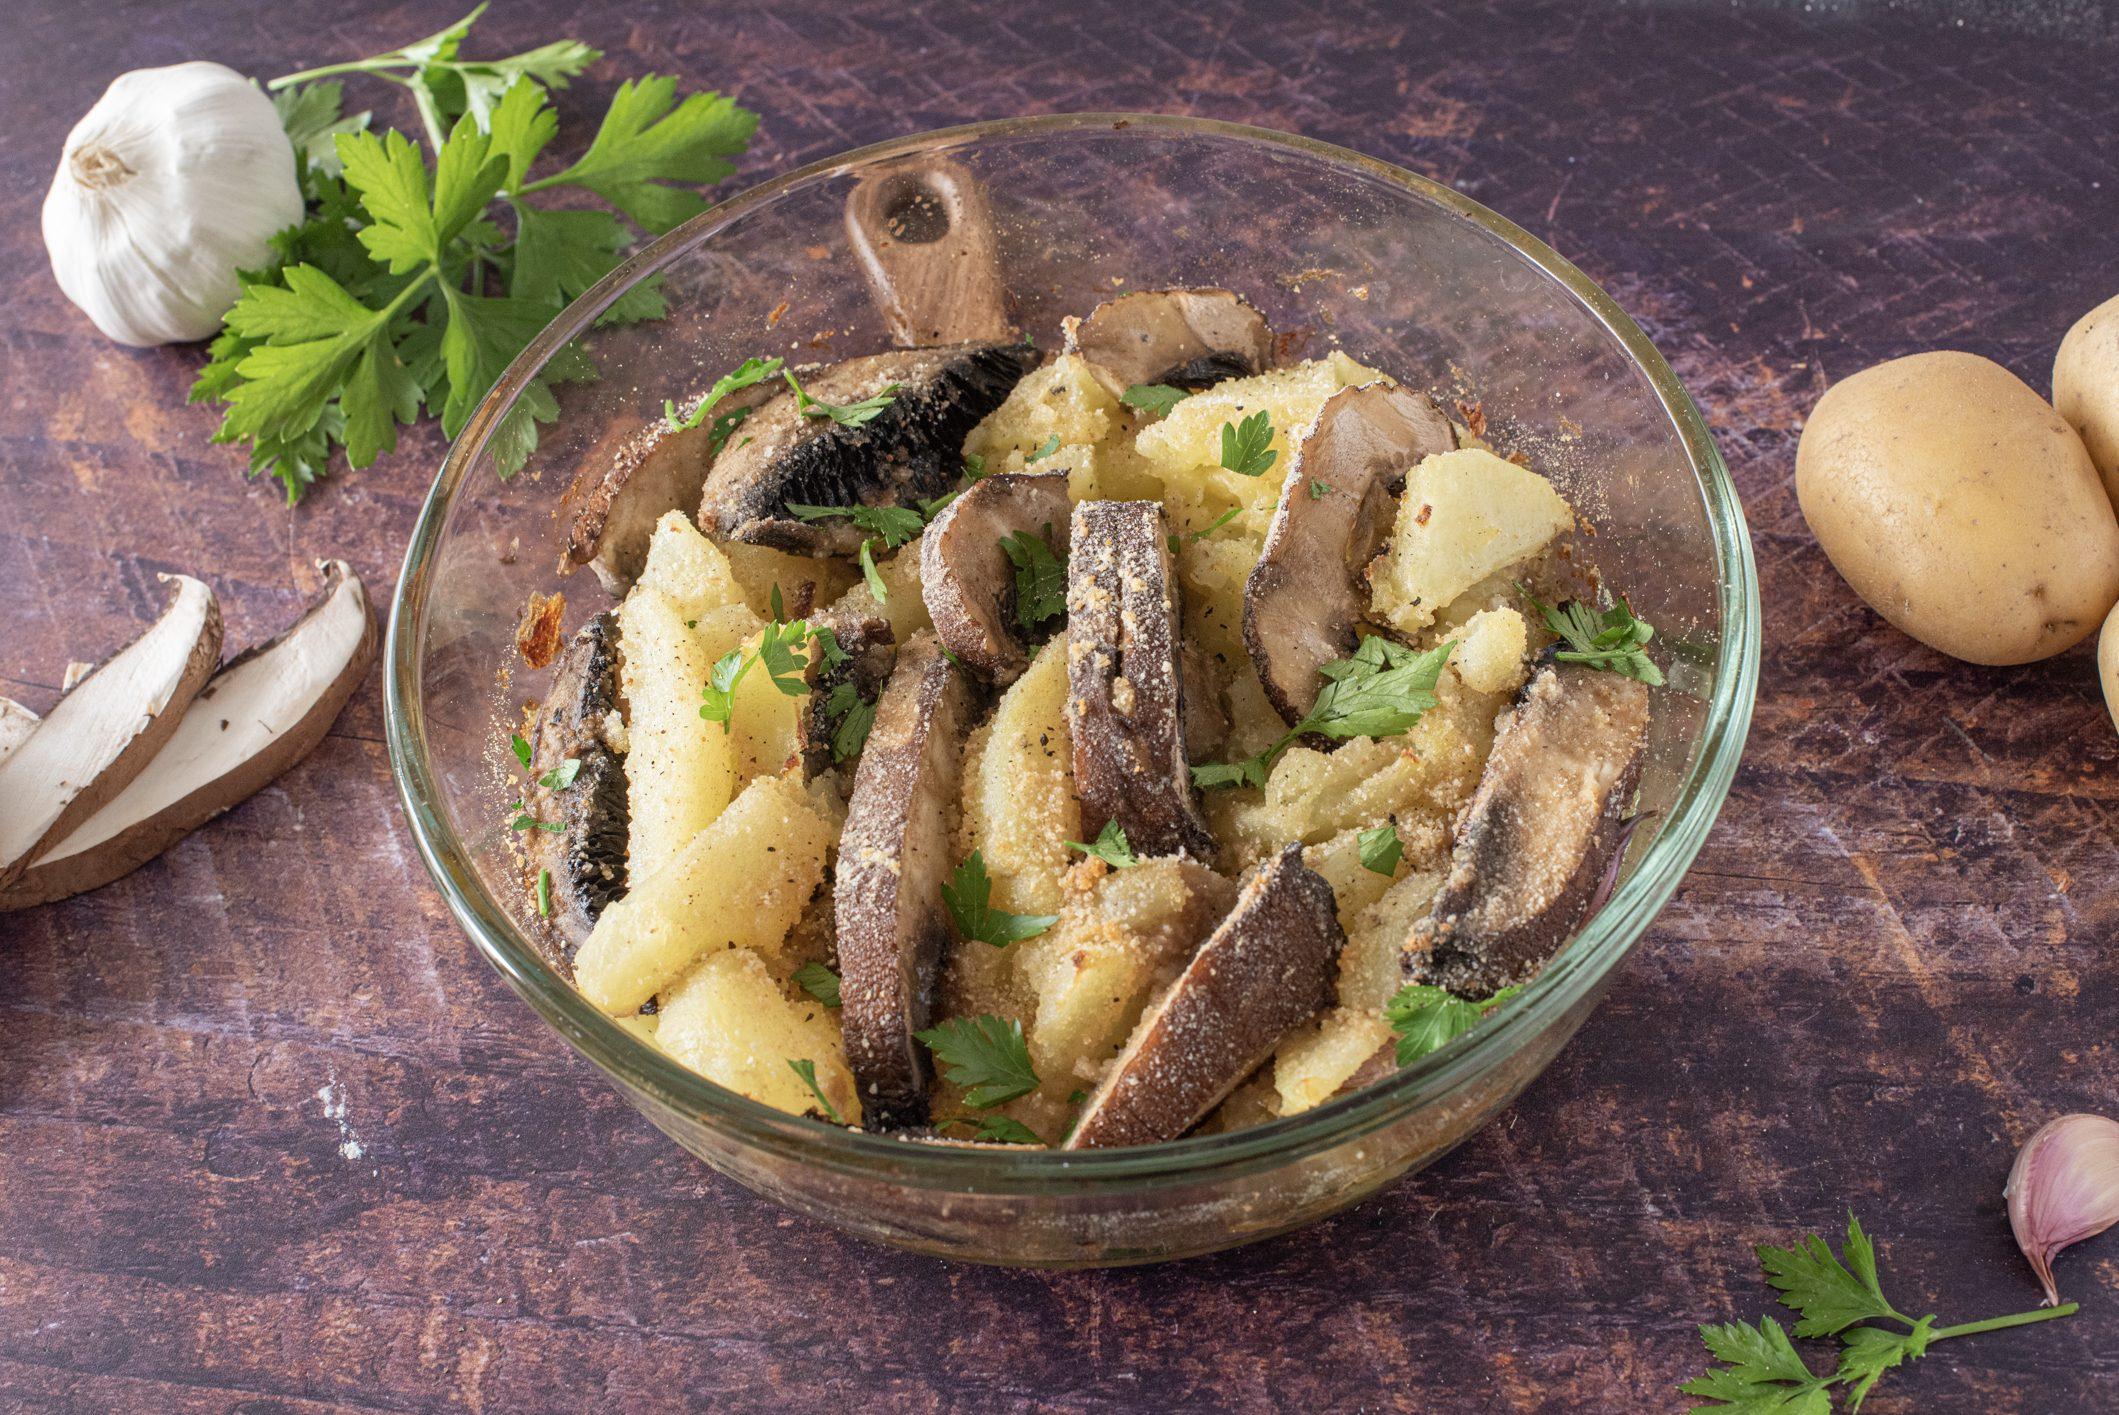 Funghi e patate al forno: la ricetta del contorno autunnale ricco di gusto